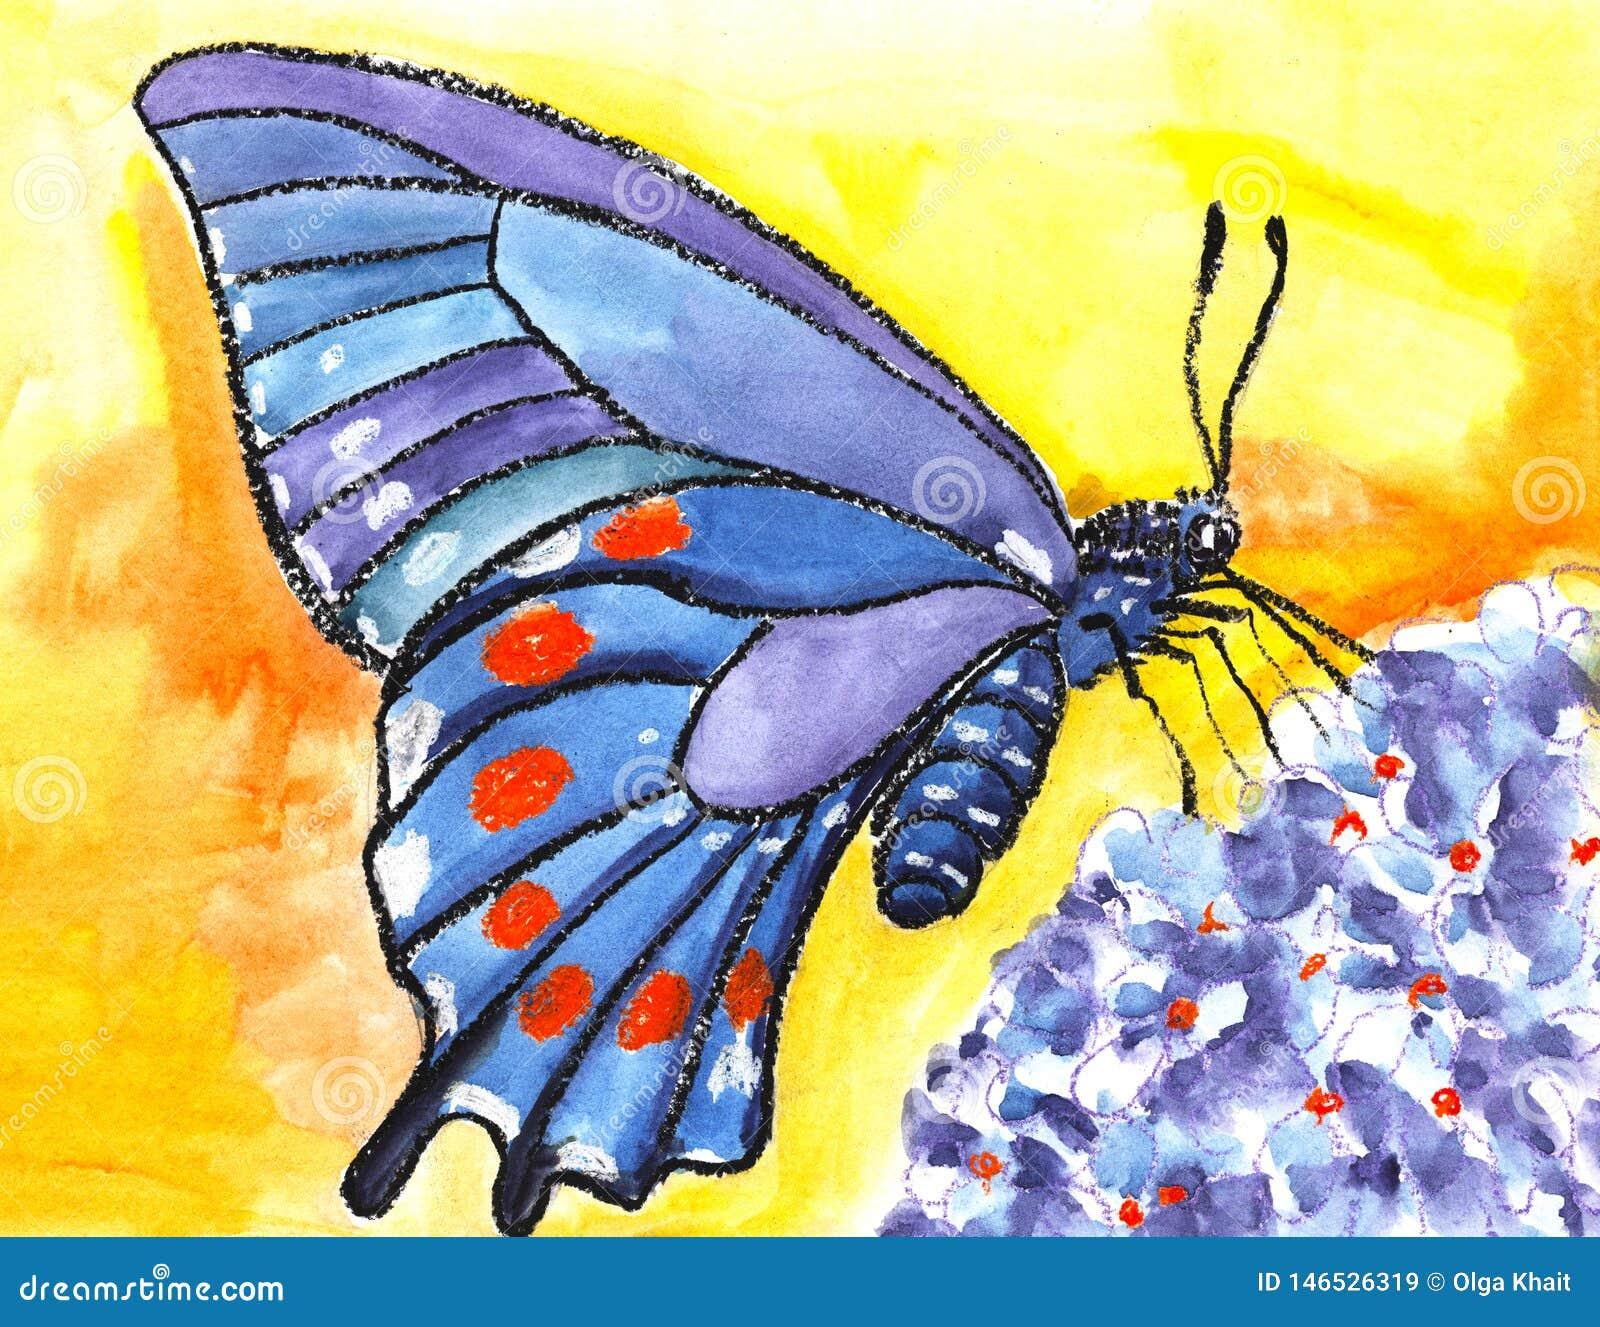 Duży motyl z pięknymi błękitnymi skrzydłami z pomarańczowymi punktami siedzi na błękitnym kwiacie na żółtym tle